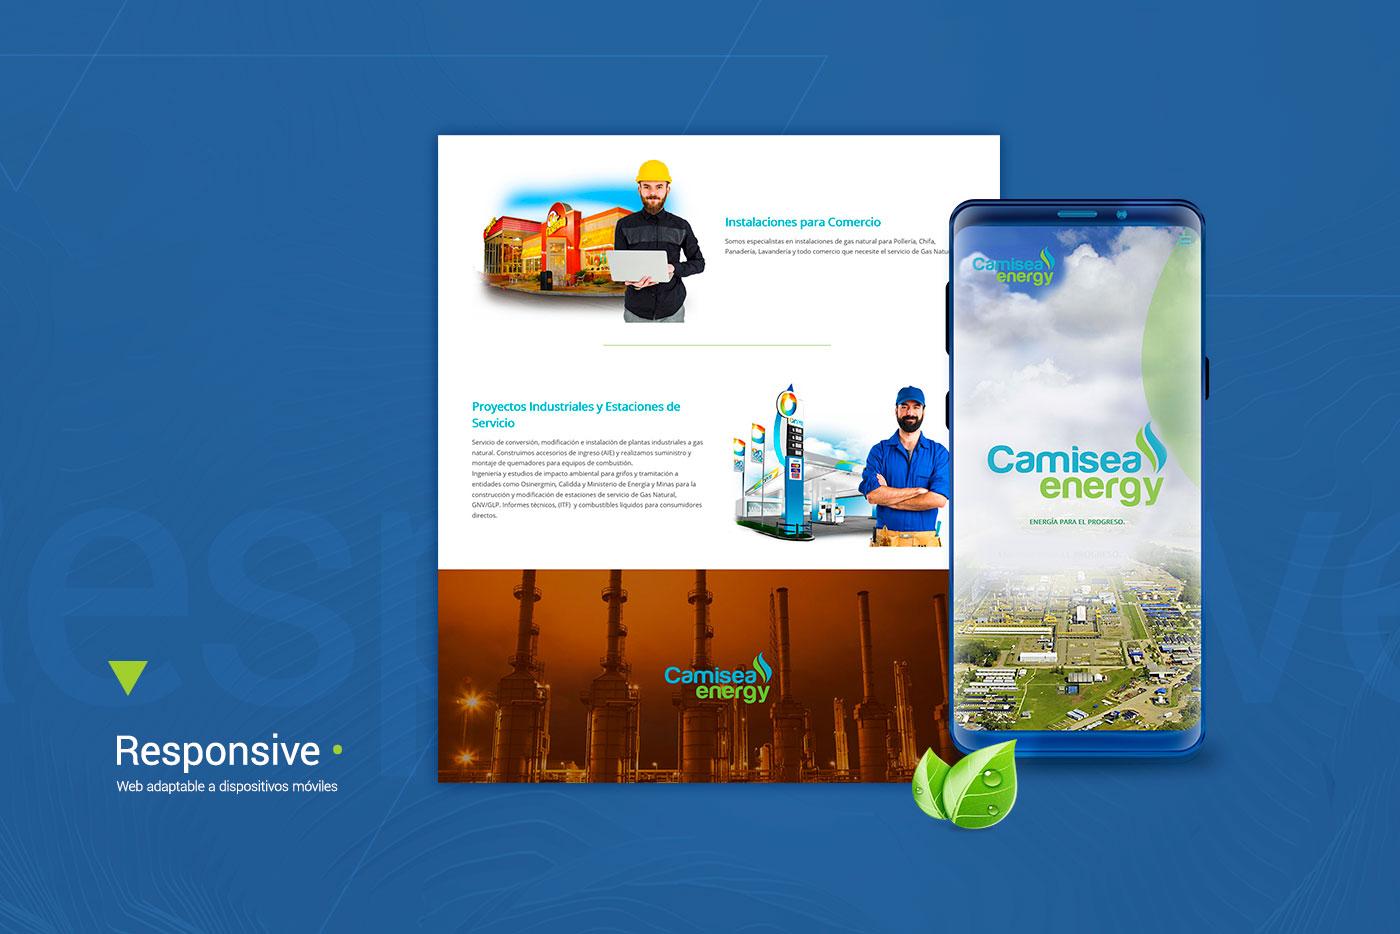 tonyhall-pagina-web-camisea-energy_04